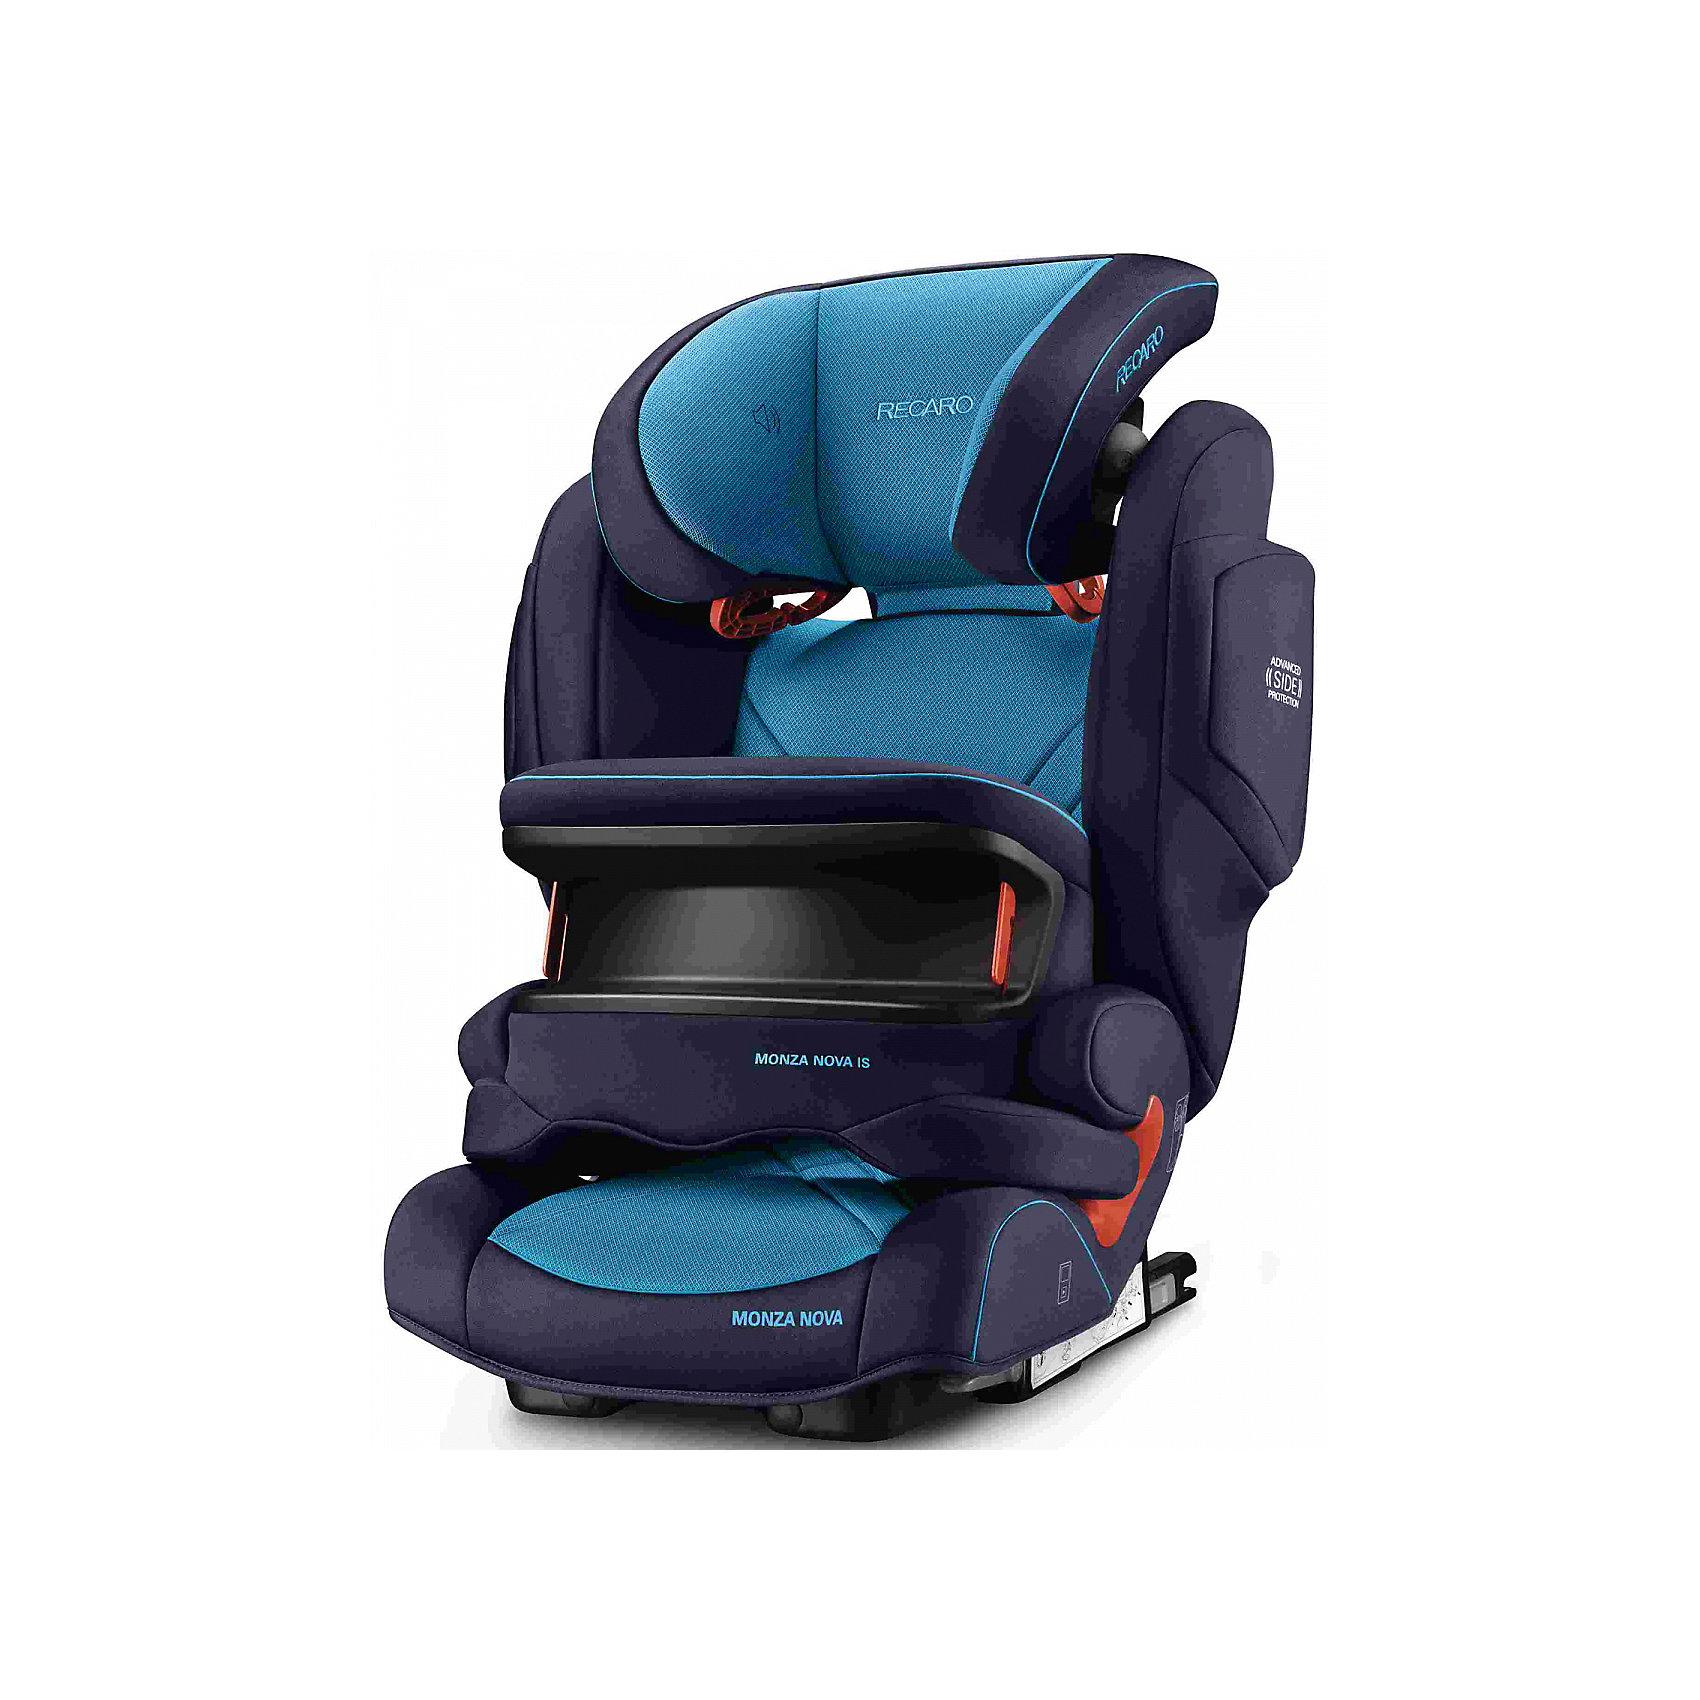 Автокресло Monza Nova IS Seatfix 9-36 кг., Recaro, Xenon BlueХарактеристики:<br><br>• группа: 1/2/3;<br>• вес ребенка: 9-36 кг;<br>• возраст ребенка: от 9 месяцев до 12 лет;<br>• способ крепления: IsoFix или штатными ремнями безопасности автомобиля;<br>• способ установки: лицом по ходу движения автомобиля;<br>• регулируется высота подголовника: 11 положений;<br>• имеется ростомер;<br>• регулируется глубина подголовника;<br>• перед ребенком находится специальный жесткий столик, который обеспечивает максимальную защиту ребенка от ударов при столкновении и резком торможении;<br>• угол наклона спинки подгоняется под угол сиденья автомобиля, слегка откидывается назад;<br>• имеются подлокотники, высота не меняется;<br>• сетчатый кармашек на боковой стороне автокресла;<br>• под сиденьем автокресла имеются пластиковые опорные элементы;<br>• в боковинках автокресла находятся встроенные динамики;<br>• усиленная боковая защита, 12 см;<br>• материал: пластик, полиэстер;<br>• размеры автокресла: 48х55х74 см;<br>• вес: 8 кг.<br><br>Автокресло Monza Nova IS Seatfix будет сопровождать вас и вашего кроху вплоть до достижения ребенком возраста 12 лет. Автокресло укомплектовано дополнительными аксессуарами для наибольшей безопасности ребенка на каждом этапе его взросления. Когда вес малыша находится в пределах 9-18 кг, эргономичный защитный столик вместе с 3-х точечным ремнем безопасности автомобиля обеспечивают максимальную безопасность. Автокресло обязательно используется со столиком, пока кроха не достигнет определенного роста и веса (95 см/18 кг).<br><br>Автокресло устанавливается на заднем сидении автомобиля с помощью системы Изофикс. Выдвижные крепления кресла совмещаются с системой Изофикс в автомобиле.<br>Обивка автокресла выполнена из дышащего материала, который не впитывает посторонние запахи. Автокресло оснащено вентиляционными отверстиями для циркуляции воздуха и регуляции теплообмена. Чехлы автокресла съемные, допускается стирка при температуре 30 градусов.<br><br>Комплек